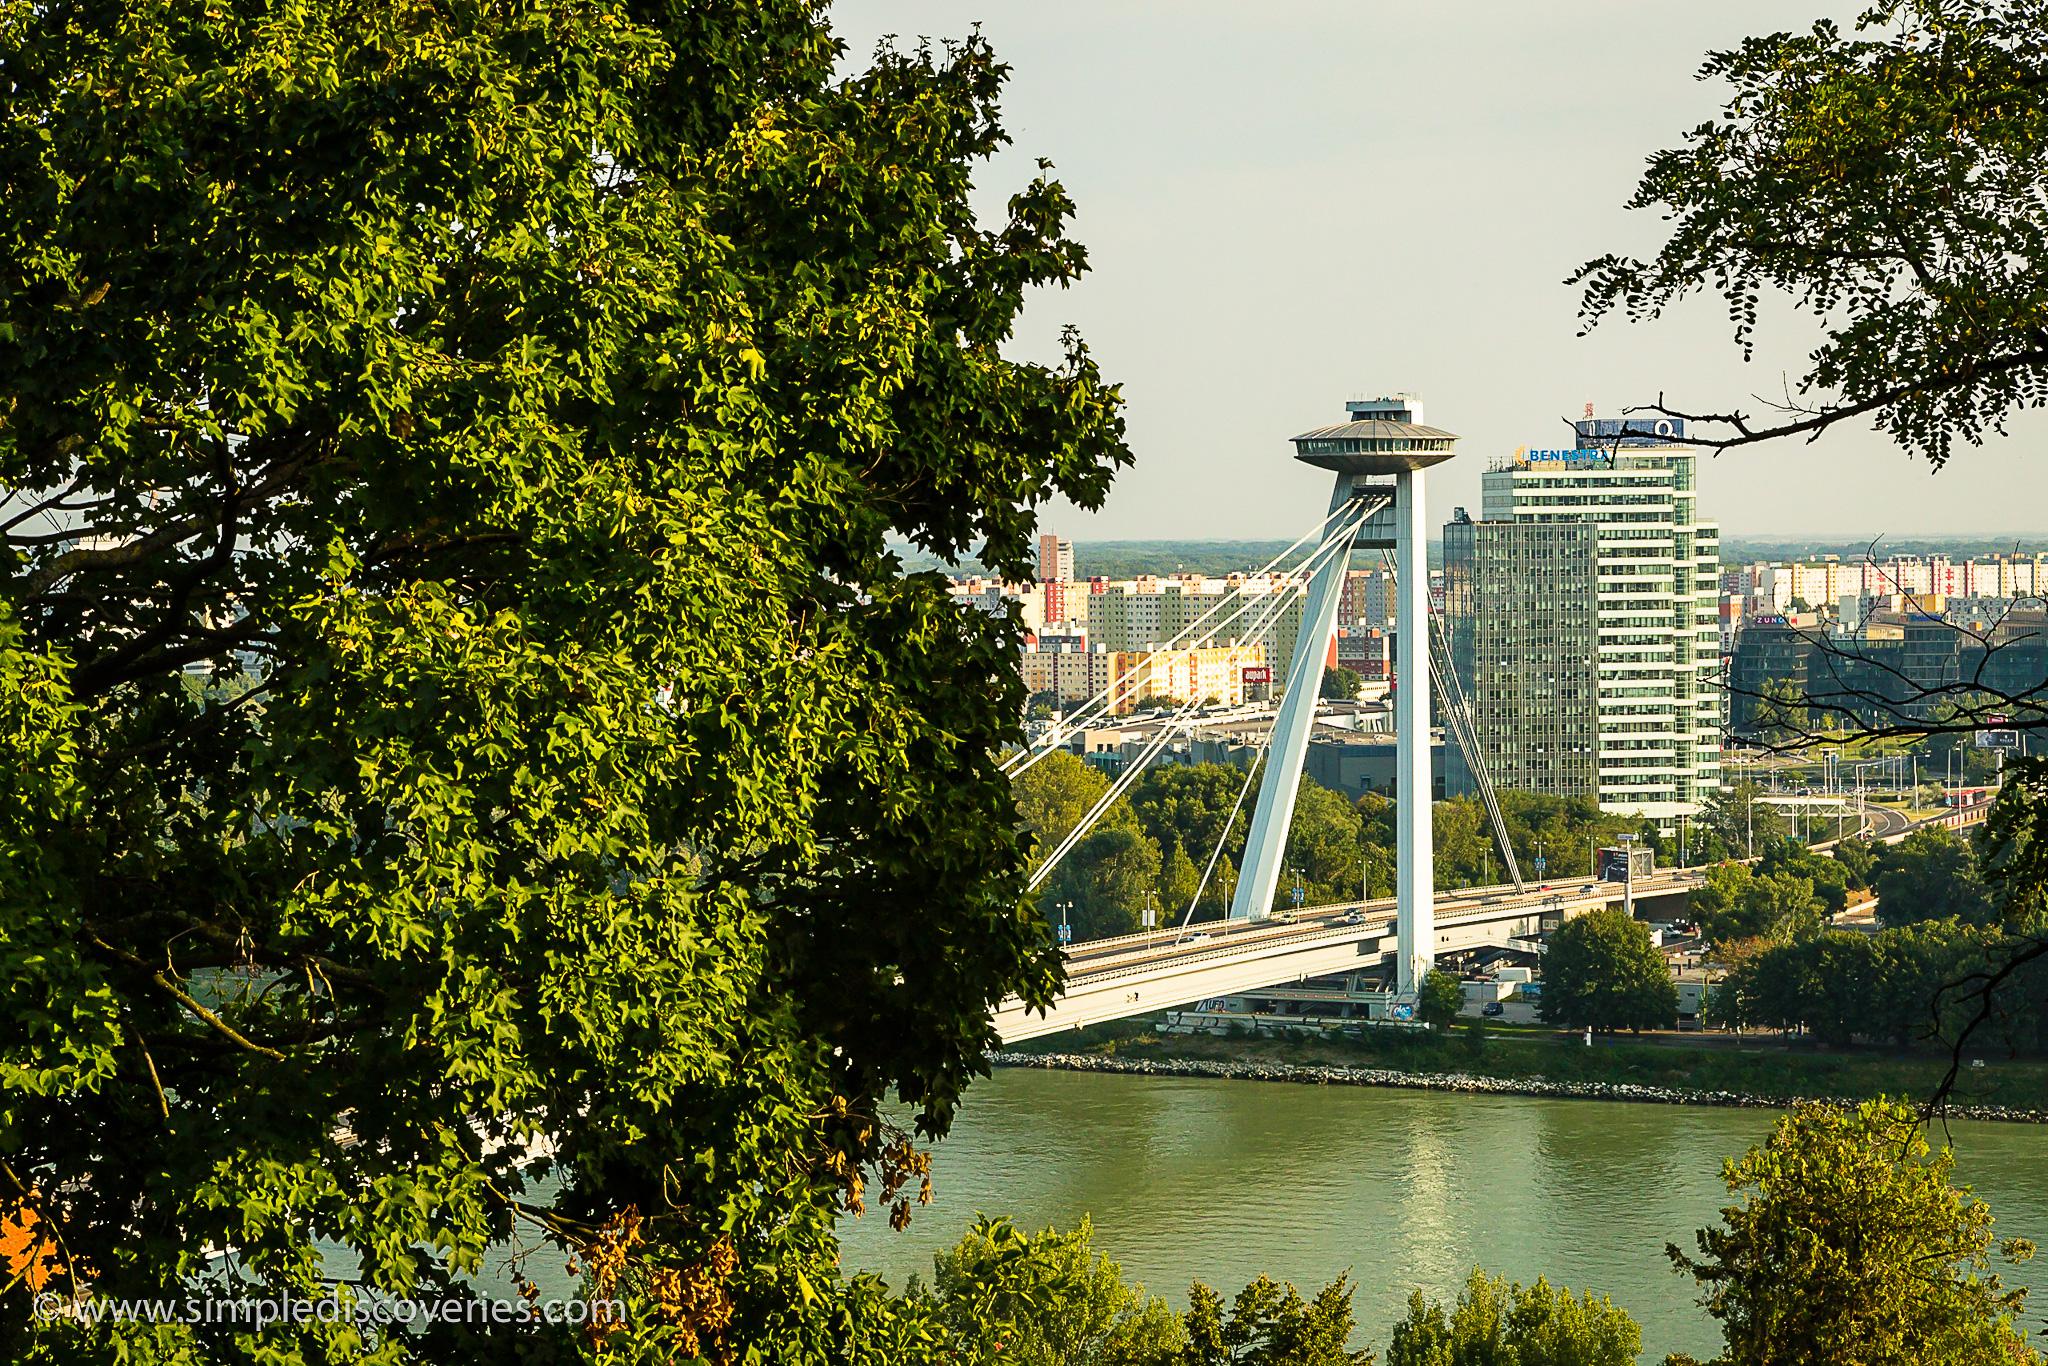 SNP_bridge_bratislava